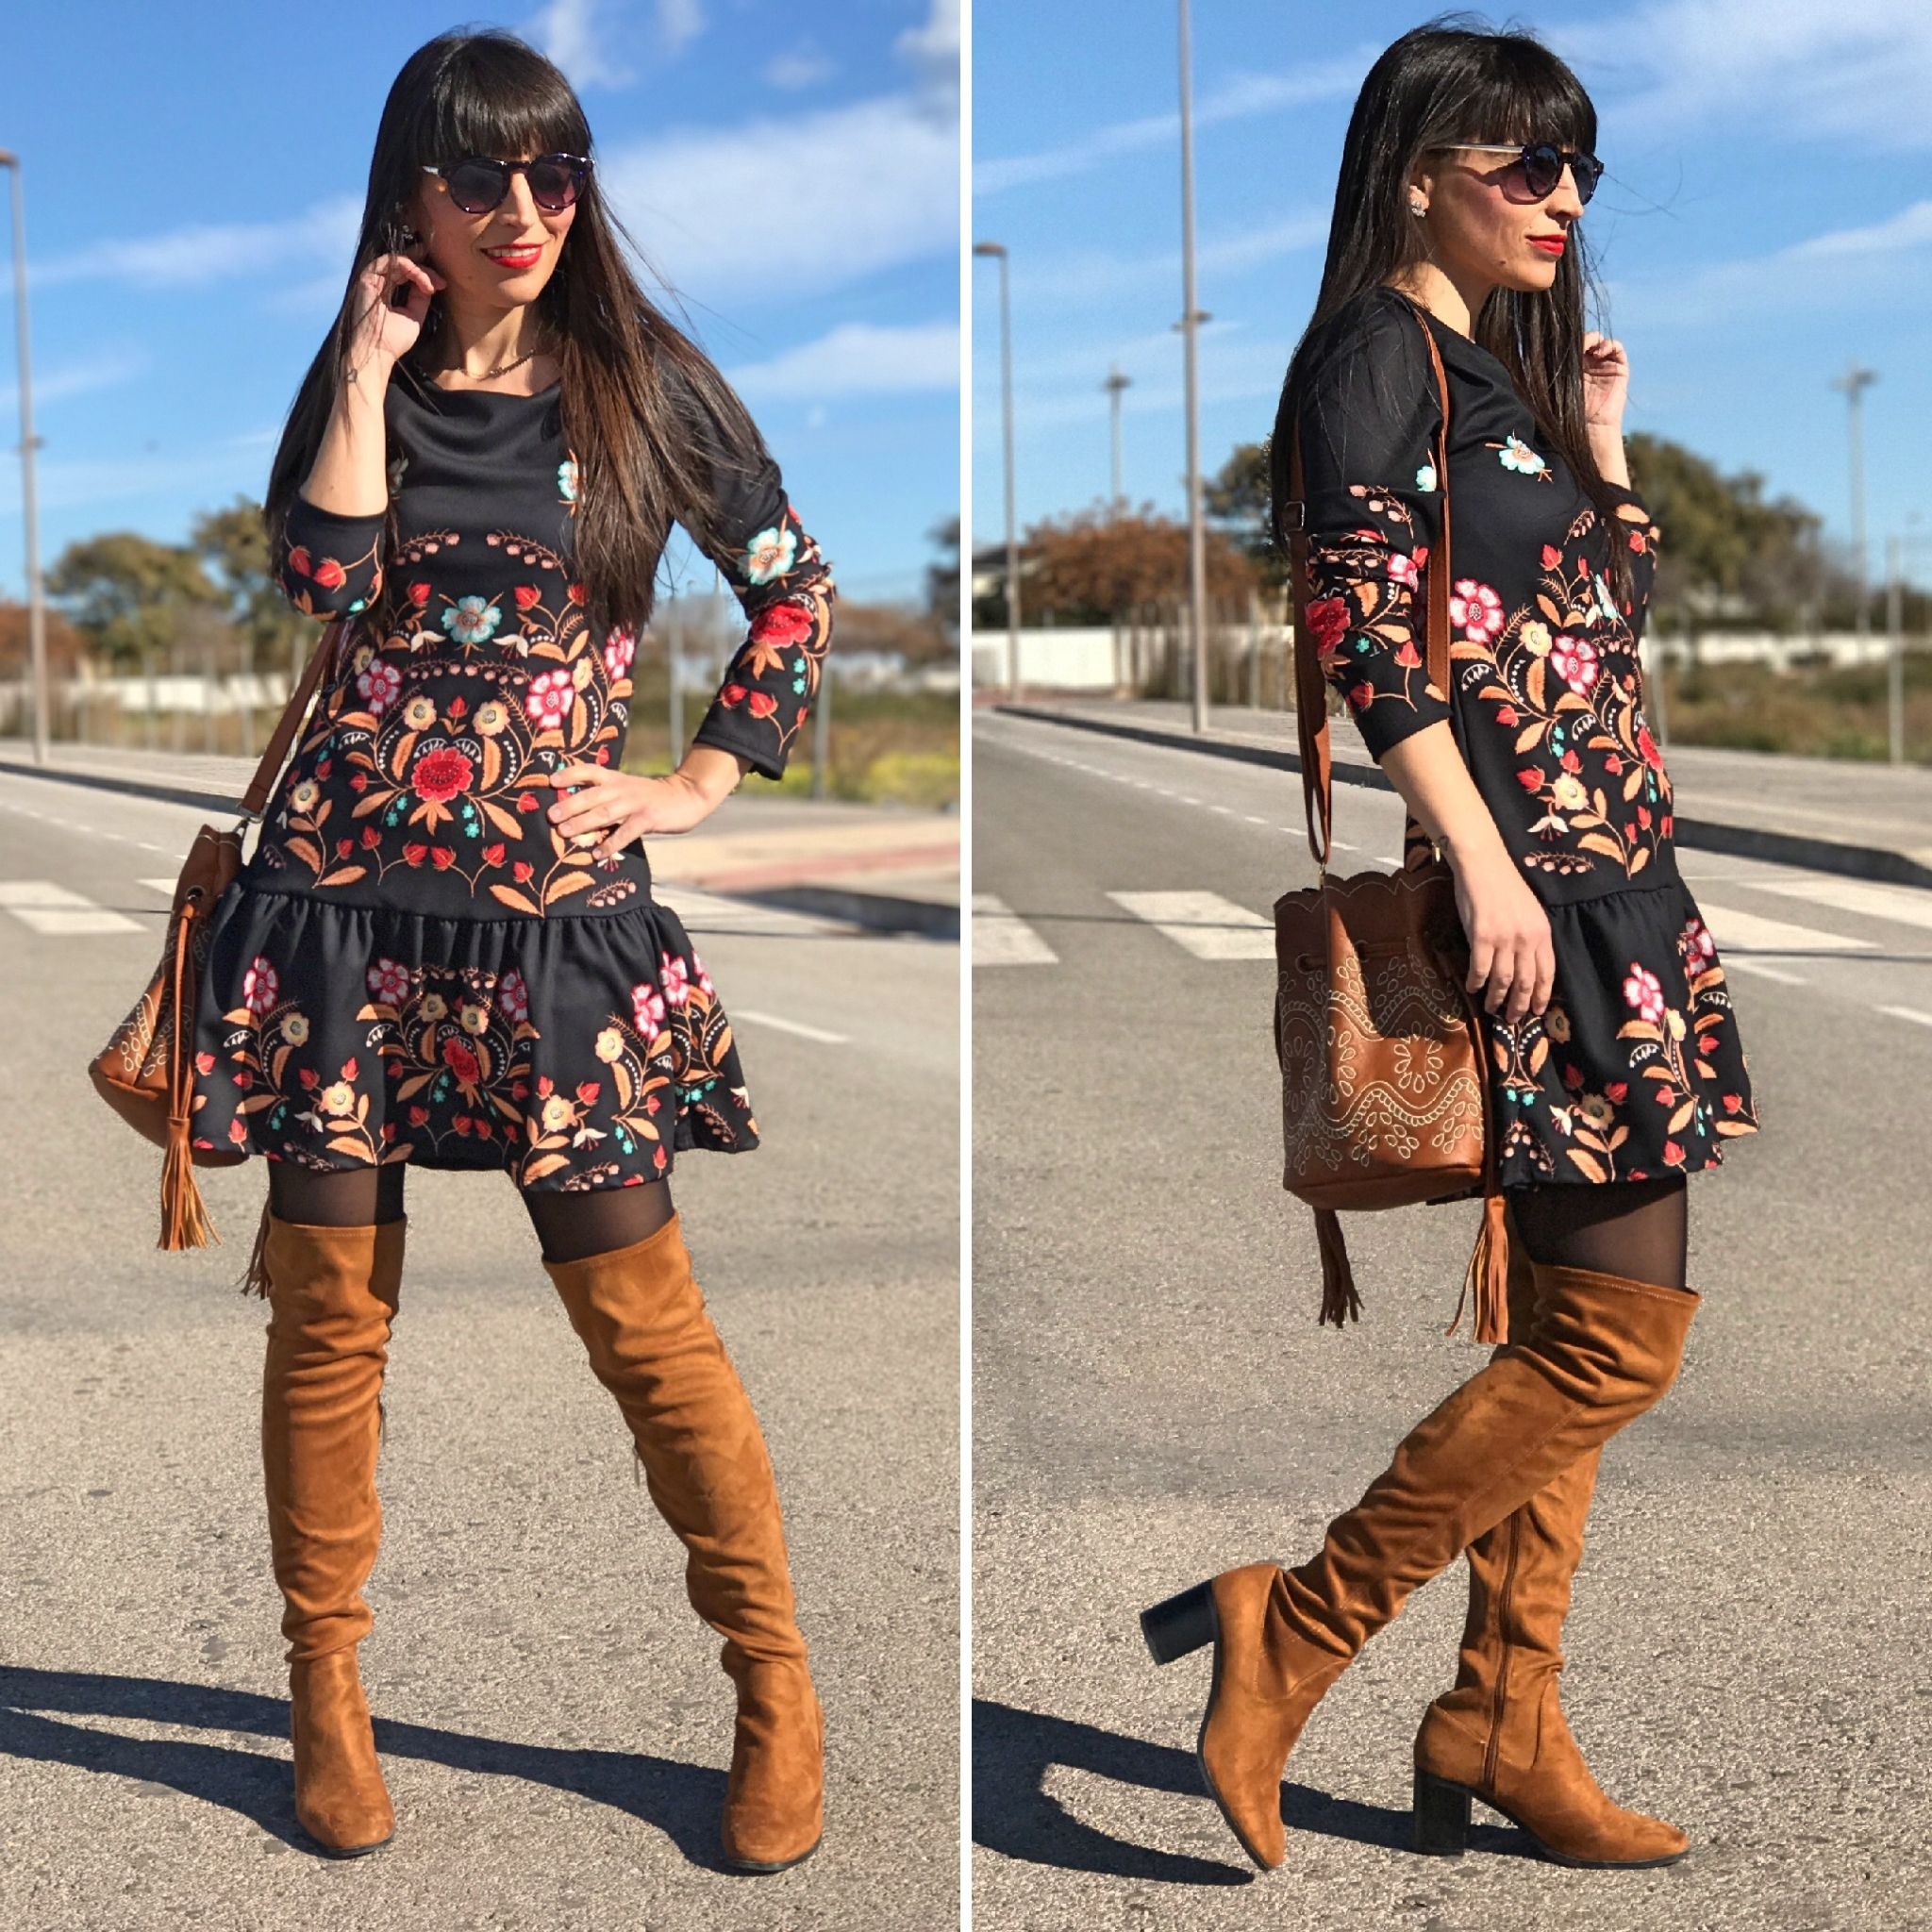 vestido floral - Temporada: Primavera-Verano - Tags: look, ootd, fasion, moda, blogger, streetstyle - Descripción: vestido neopreno floral, tendencia de temporada #FashionOlé